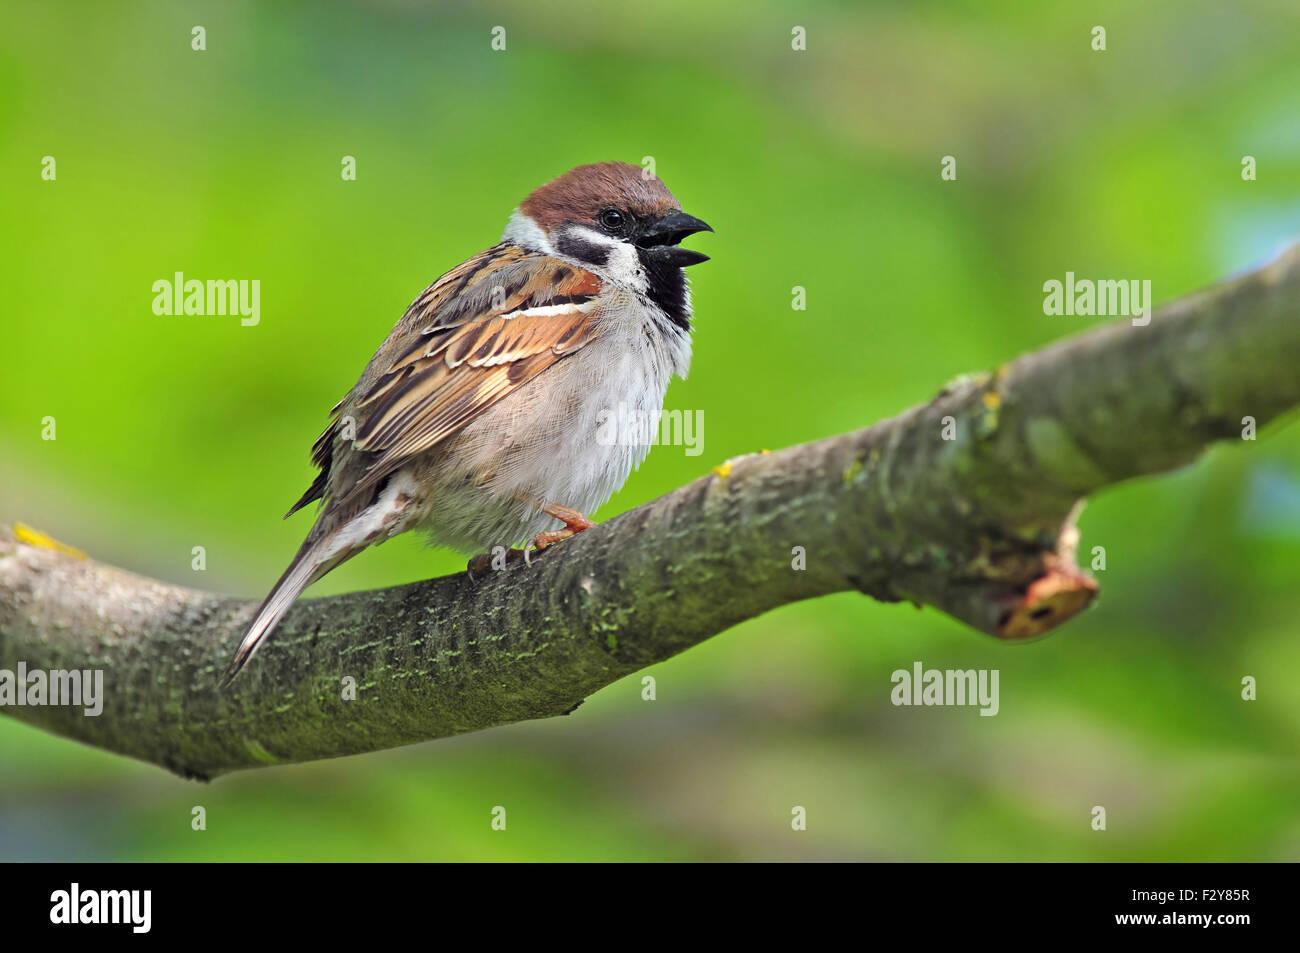 Foto des eurasischen Tree Sparrow auf einem Ast Stockfoto